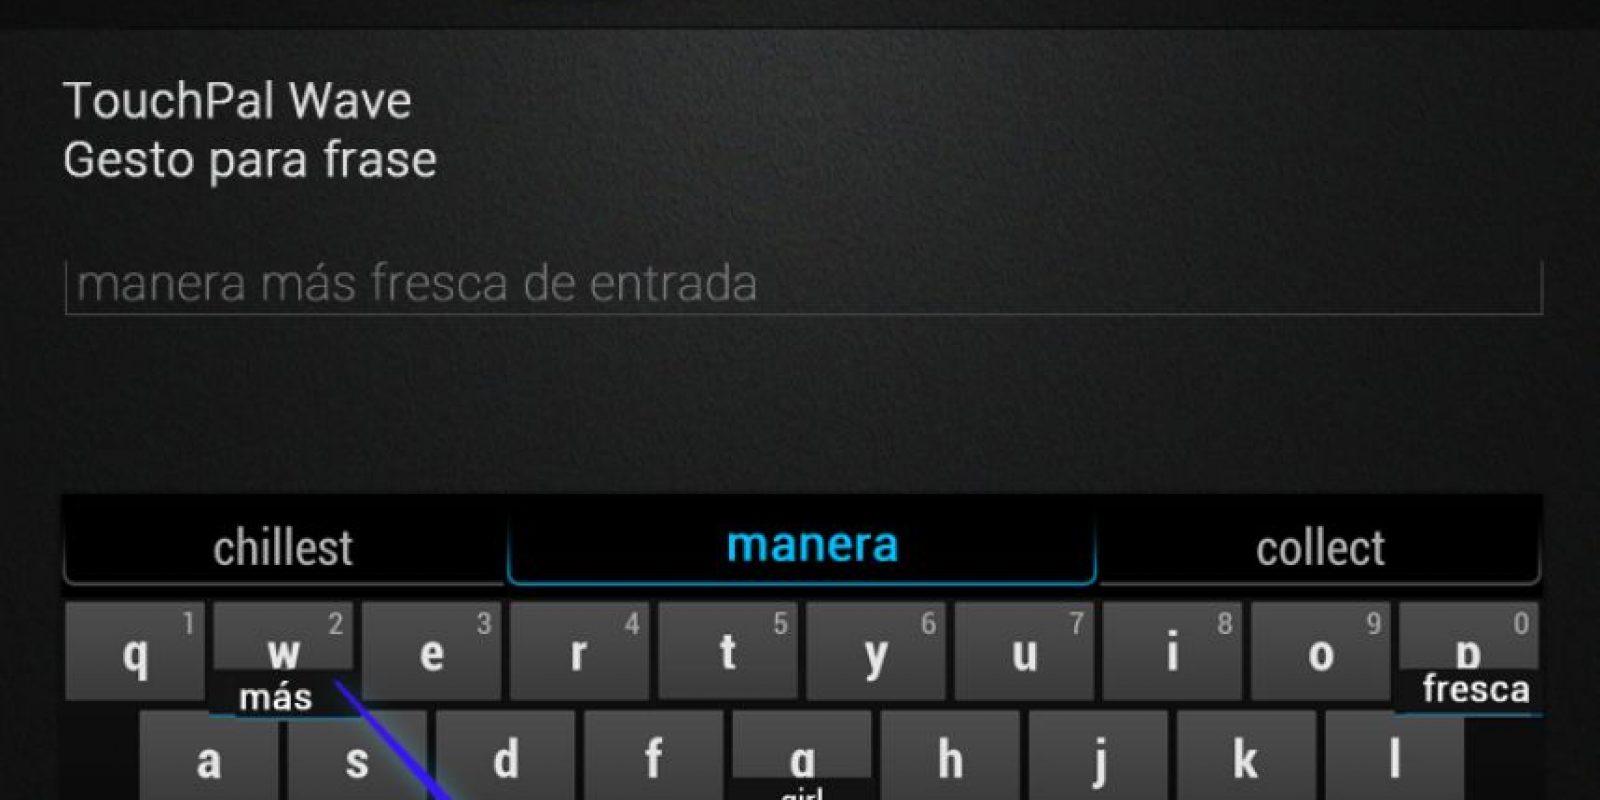 TouchPal permite mezclar emojis y texto solo para Android. Foto:TouchPal